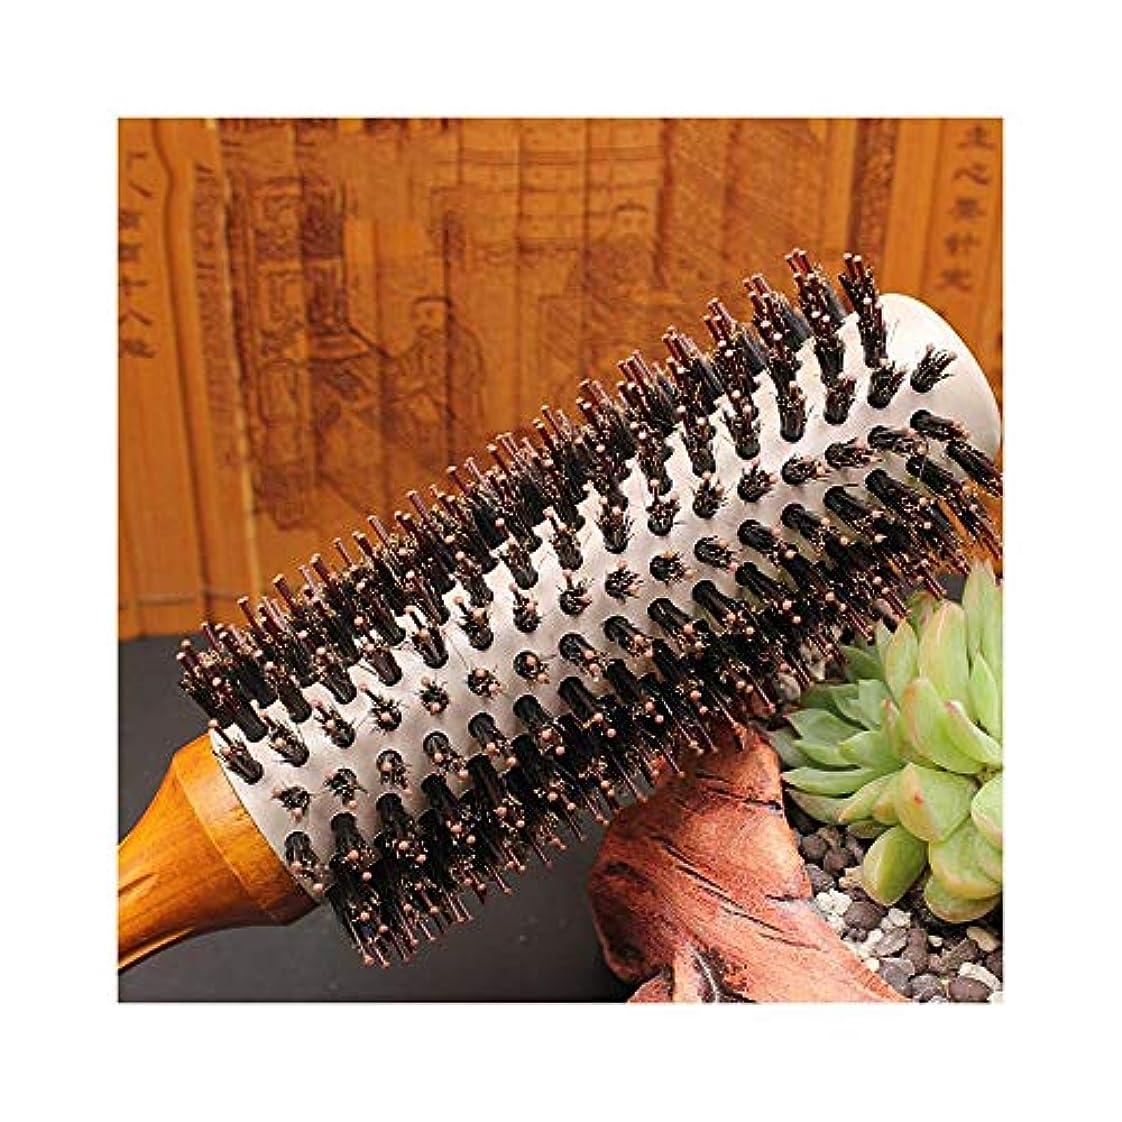 順応性のあるこれら異議すべてのヘアスタイルのためにイノシシ毛&ナイロンピン - イノシシ毛ラウンド櫛ドライヘアブラシブロー ヘアケア (サイズ : XL)